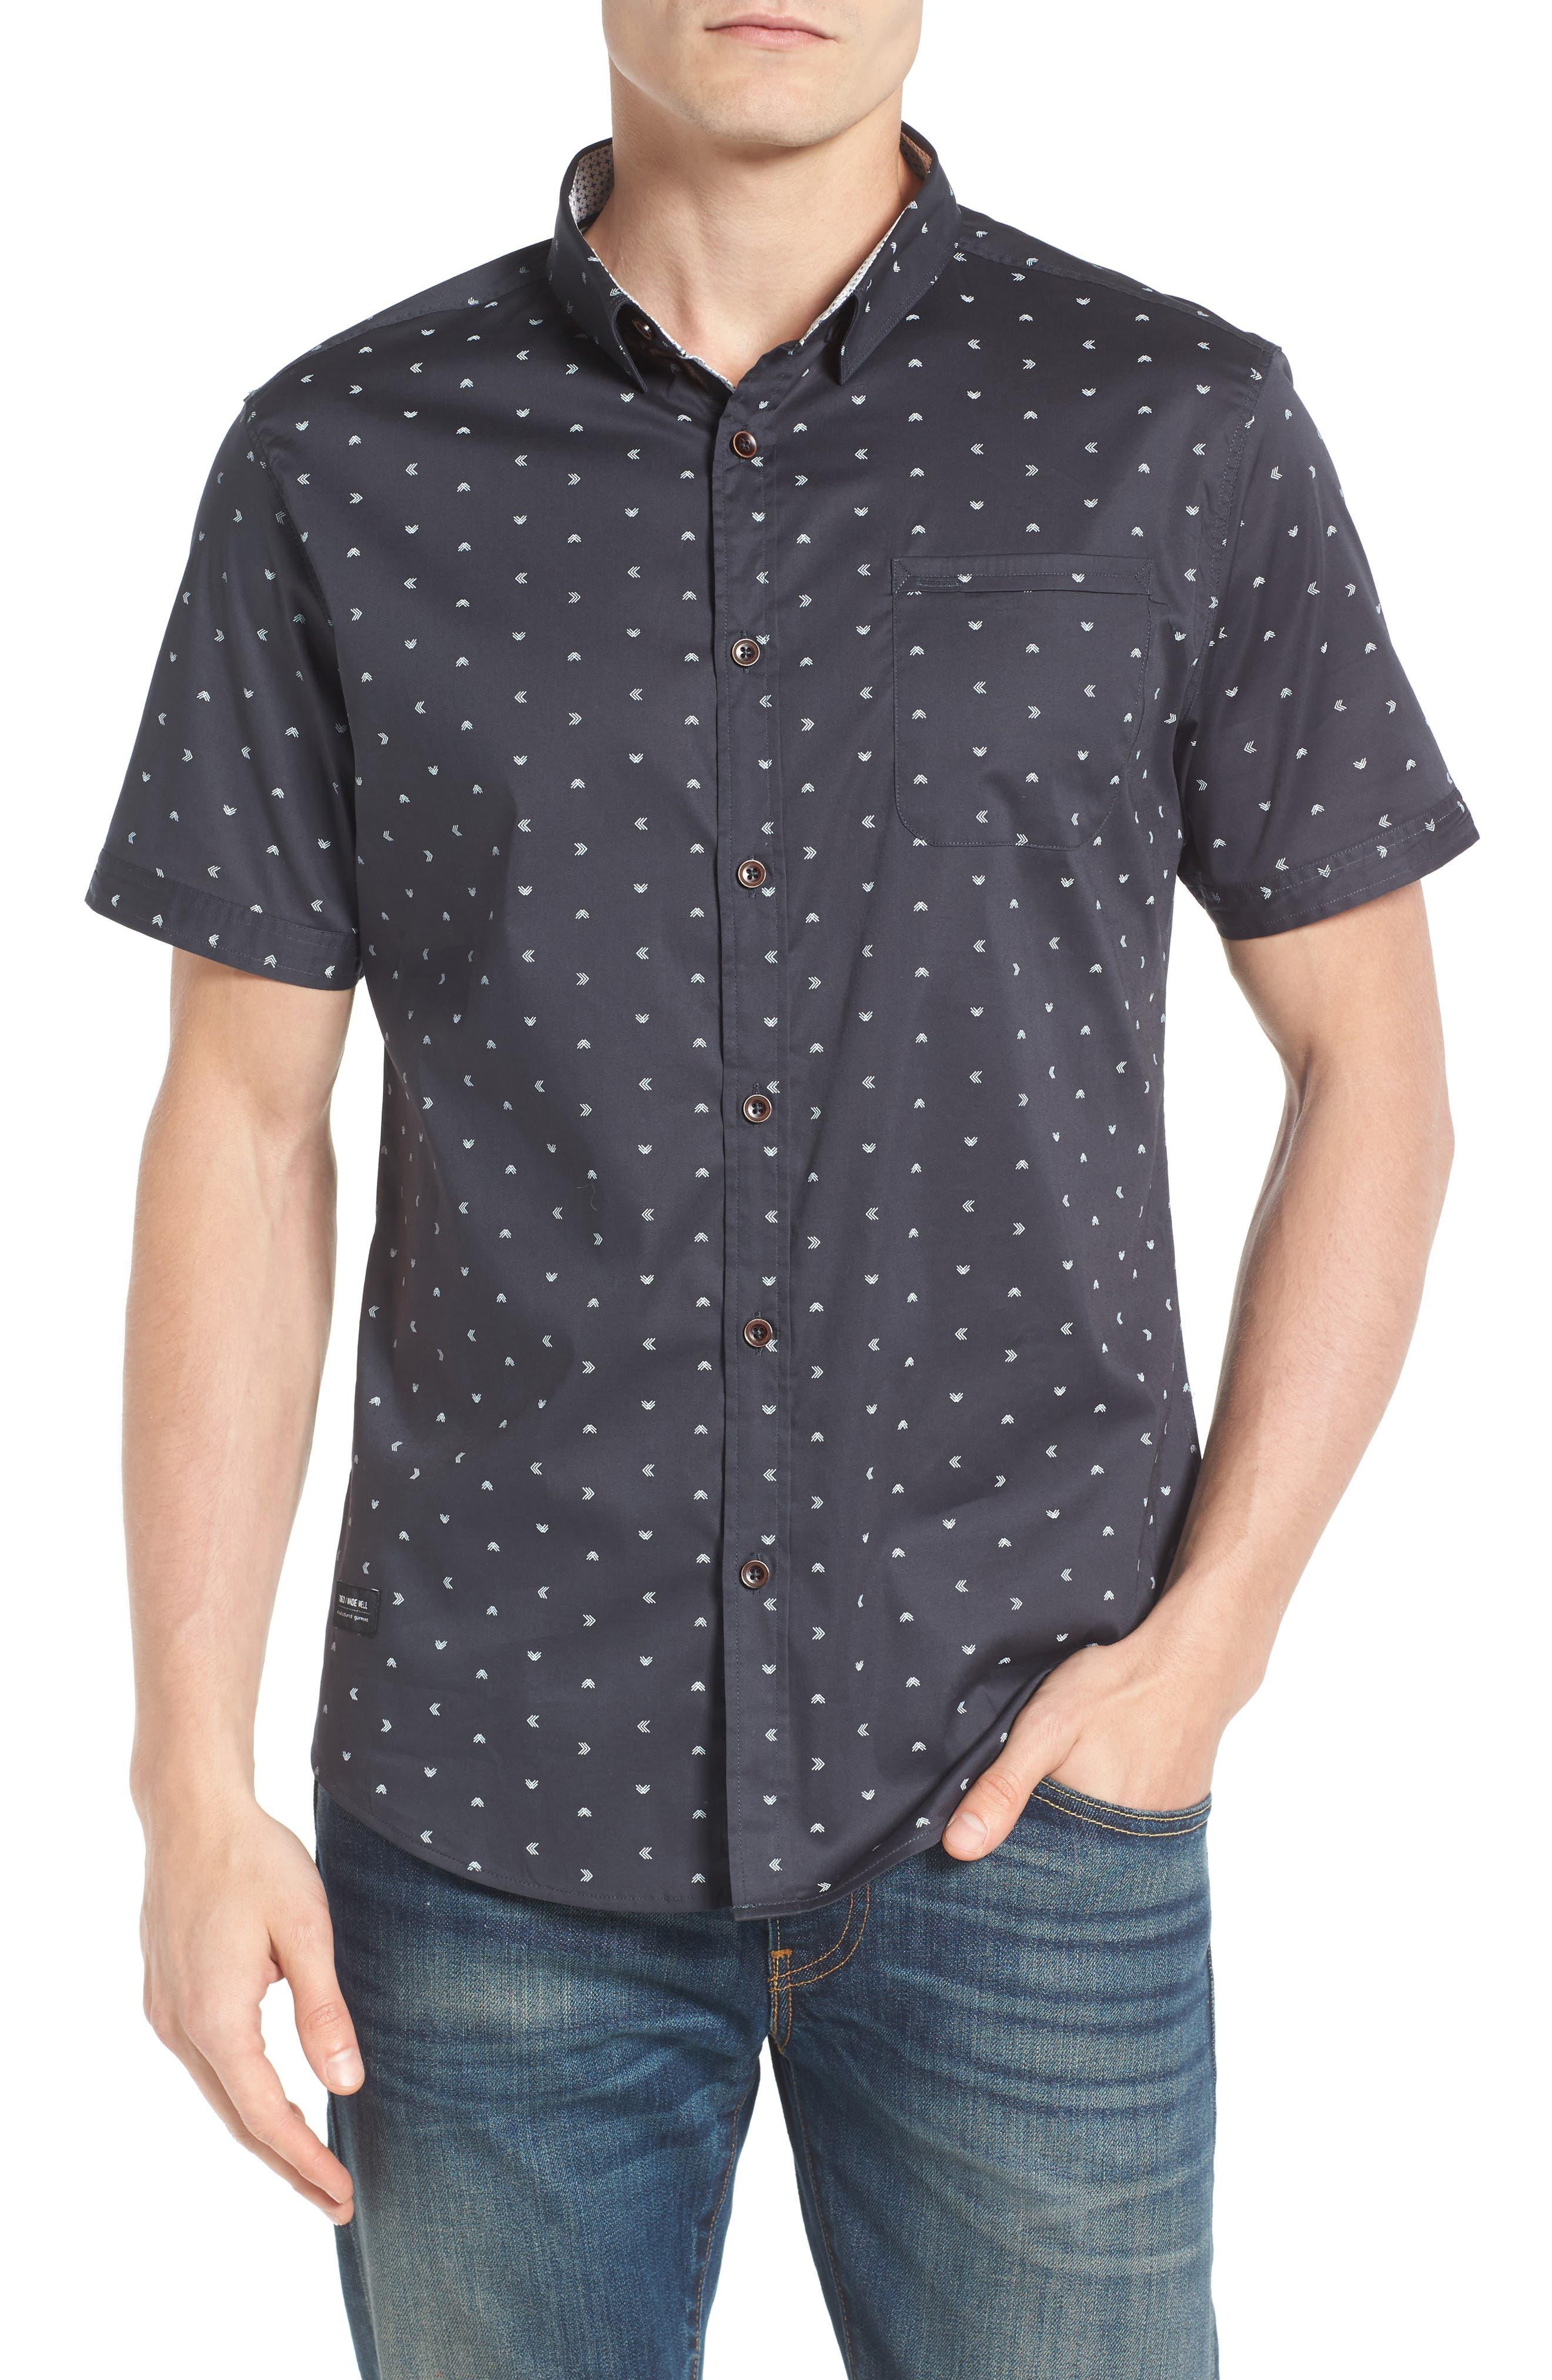 Rising Water Print Woven Shirt,                             Main thumbnail 1, color,                             Charcoal